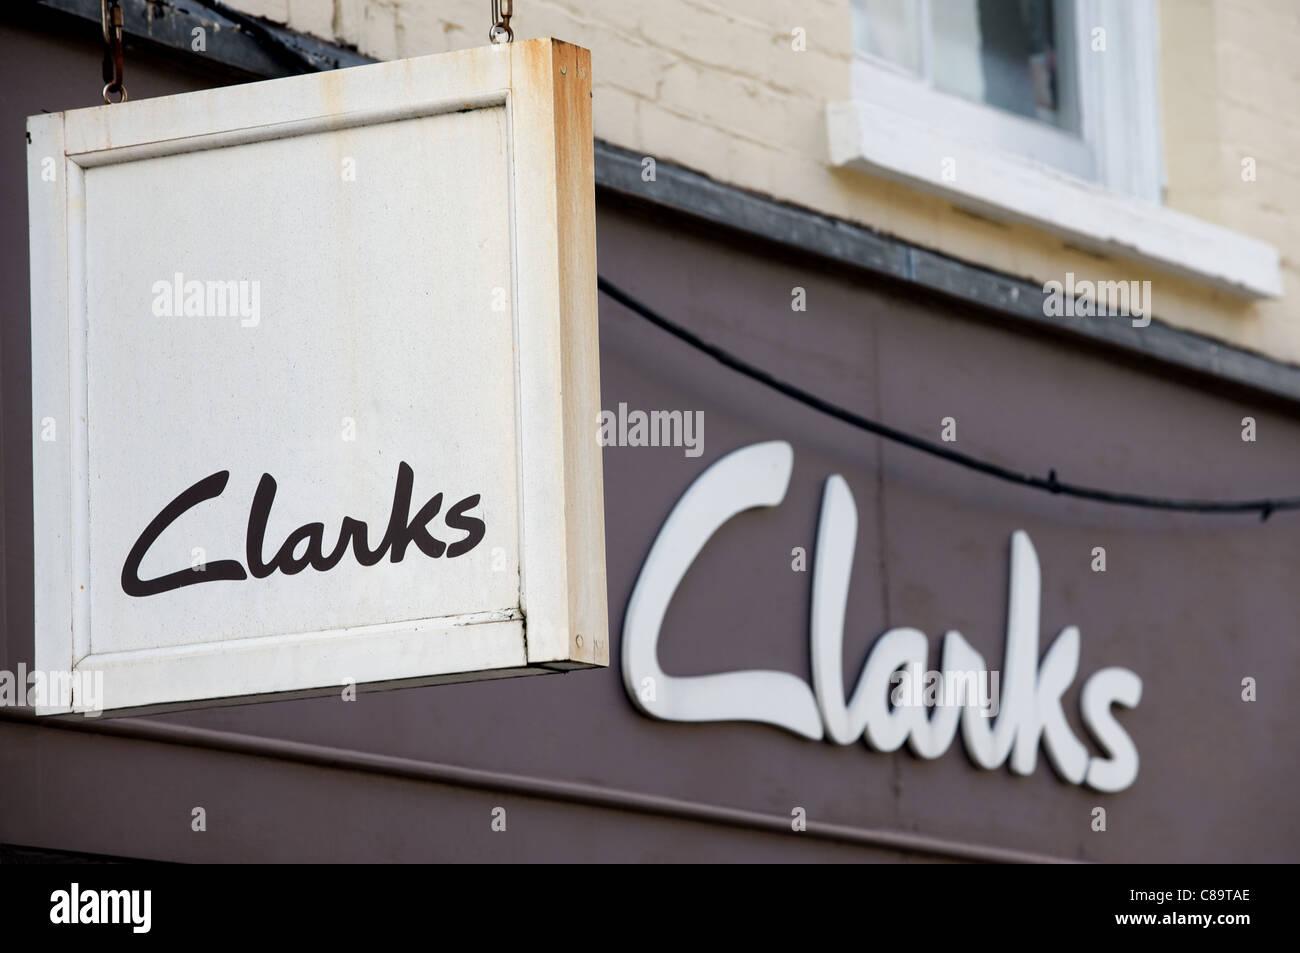 Clarks Shoe Shop Manchester